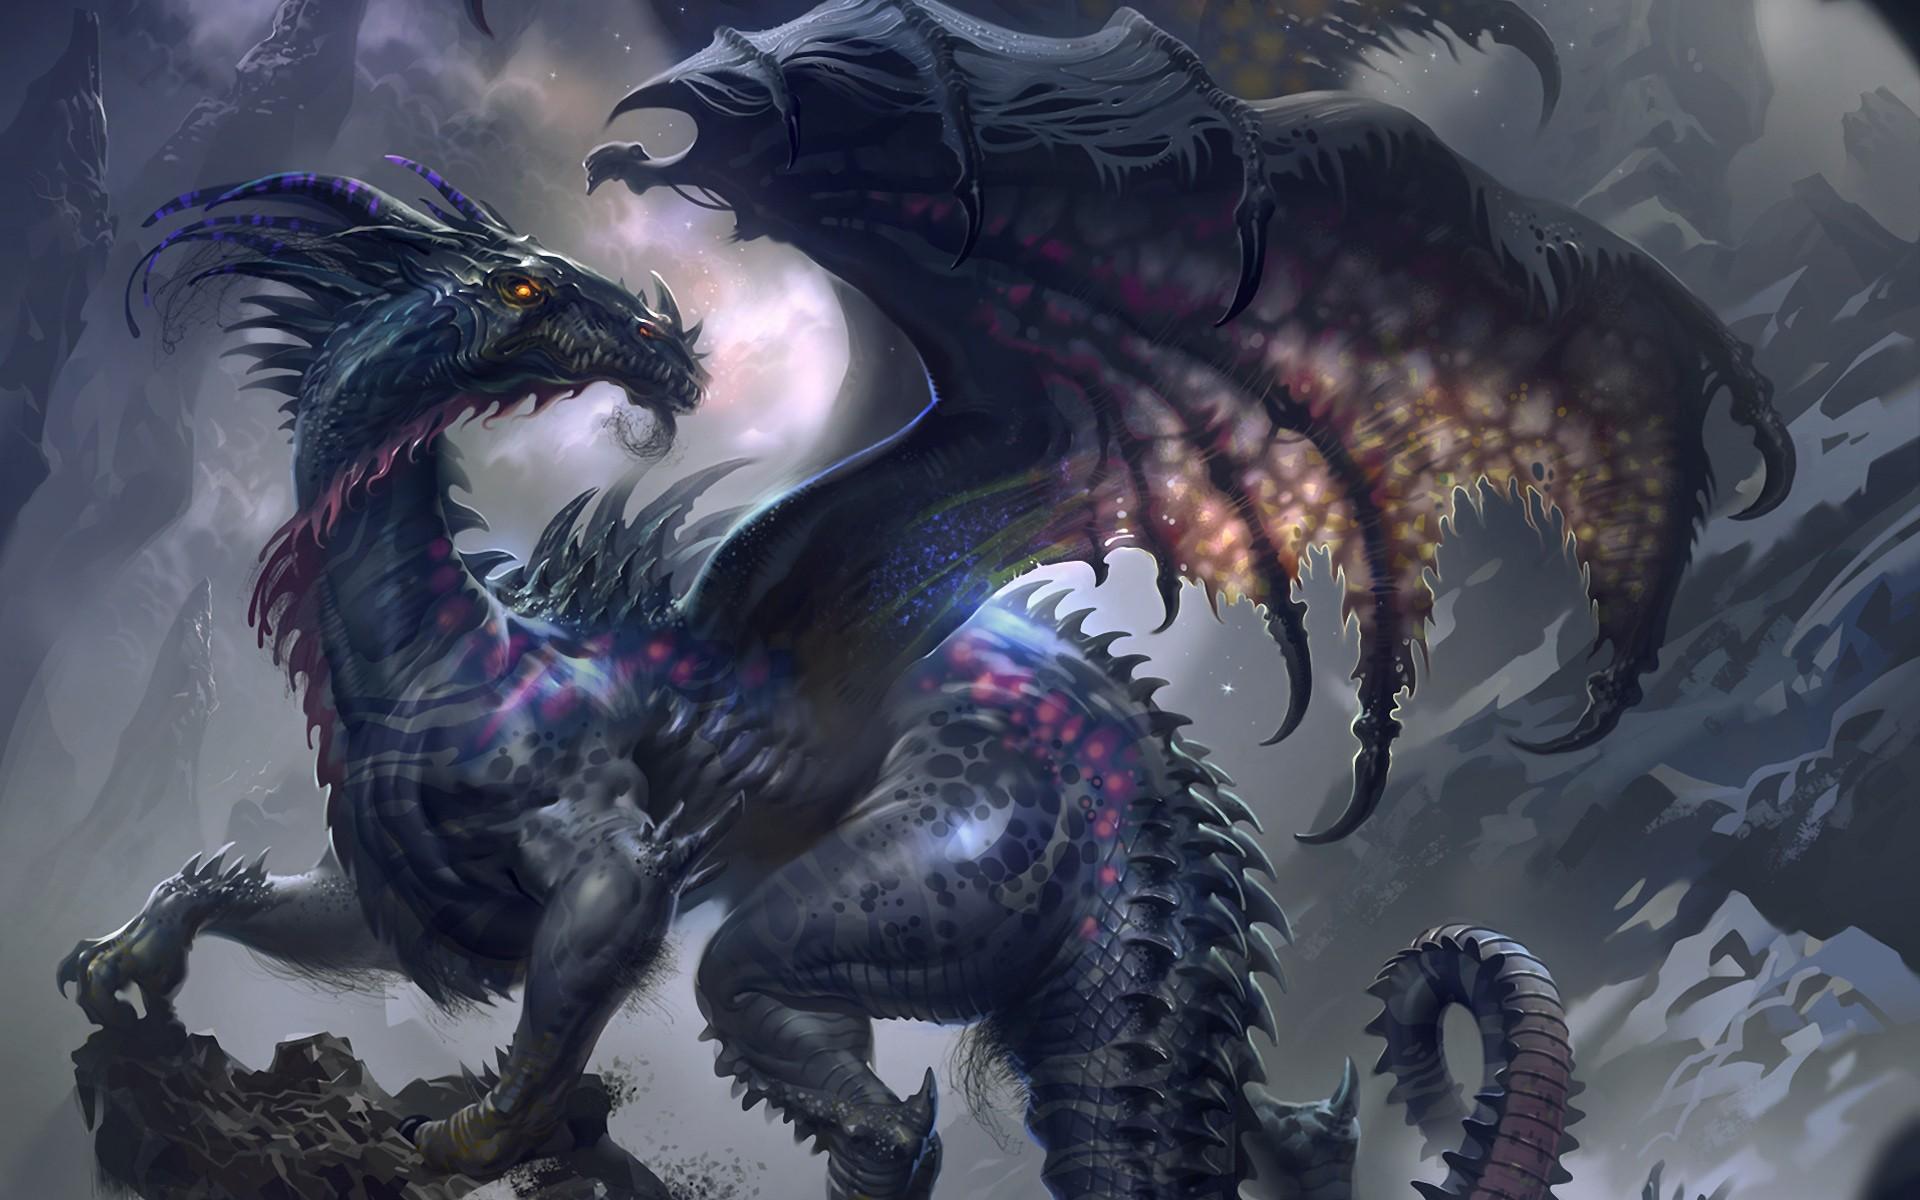 Dark Dragon HD Wallpaper 4298 1920x1200